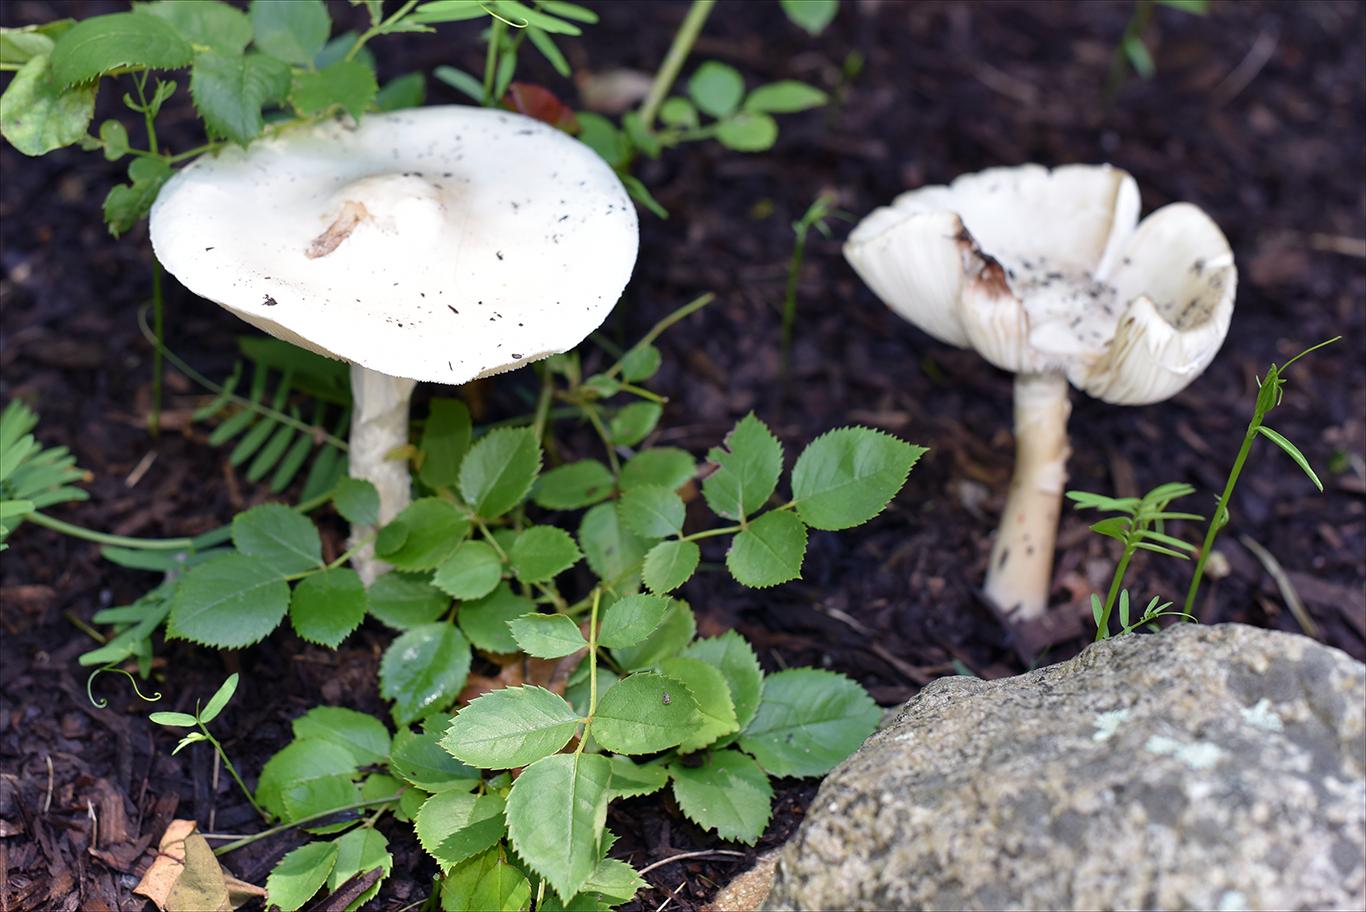 mushrooms in the garden